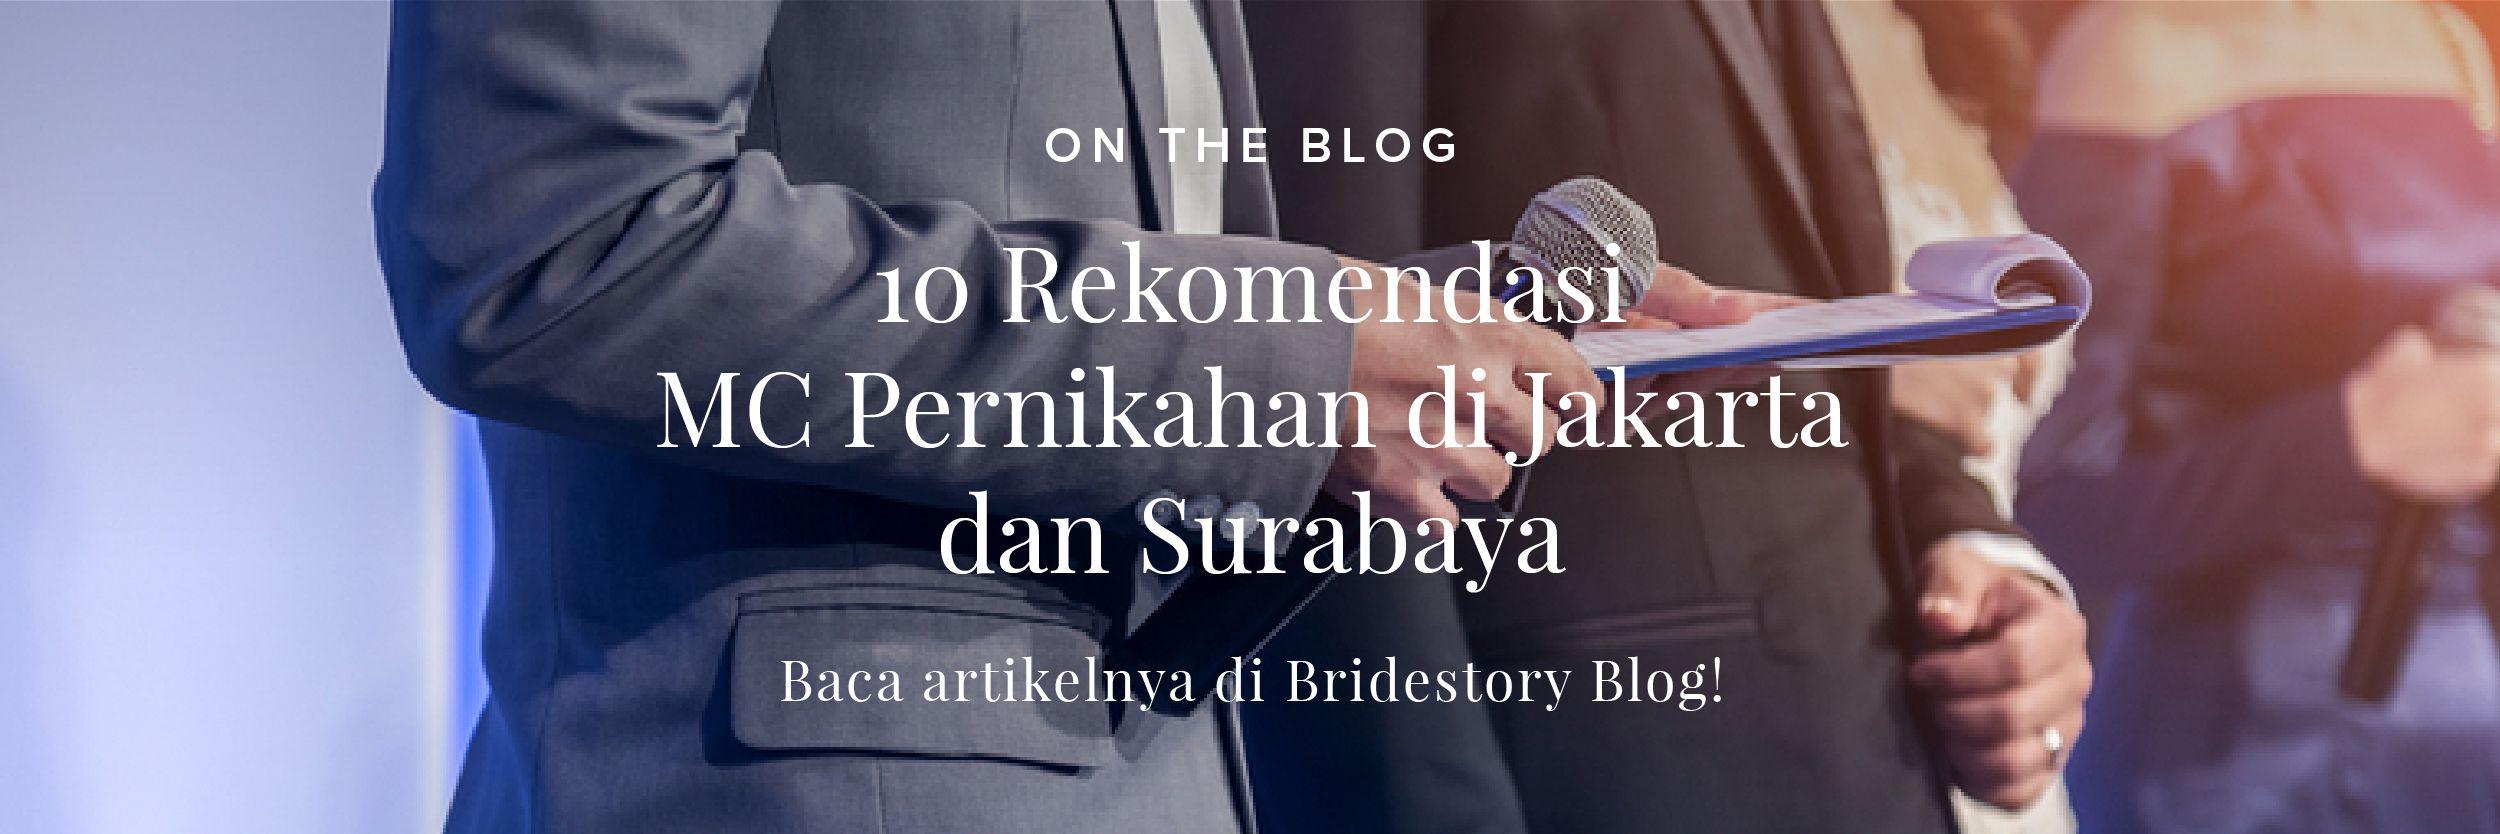 homepage-banner_10-rekomendasi-mc-pernikahan-di-jakarta-dan-surabaya-01-rkOGnTku_.jpg